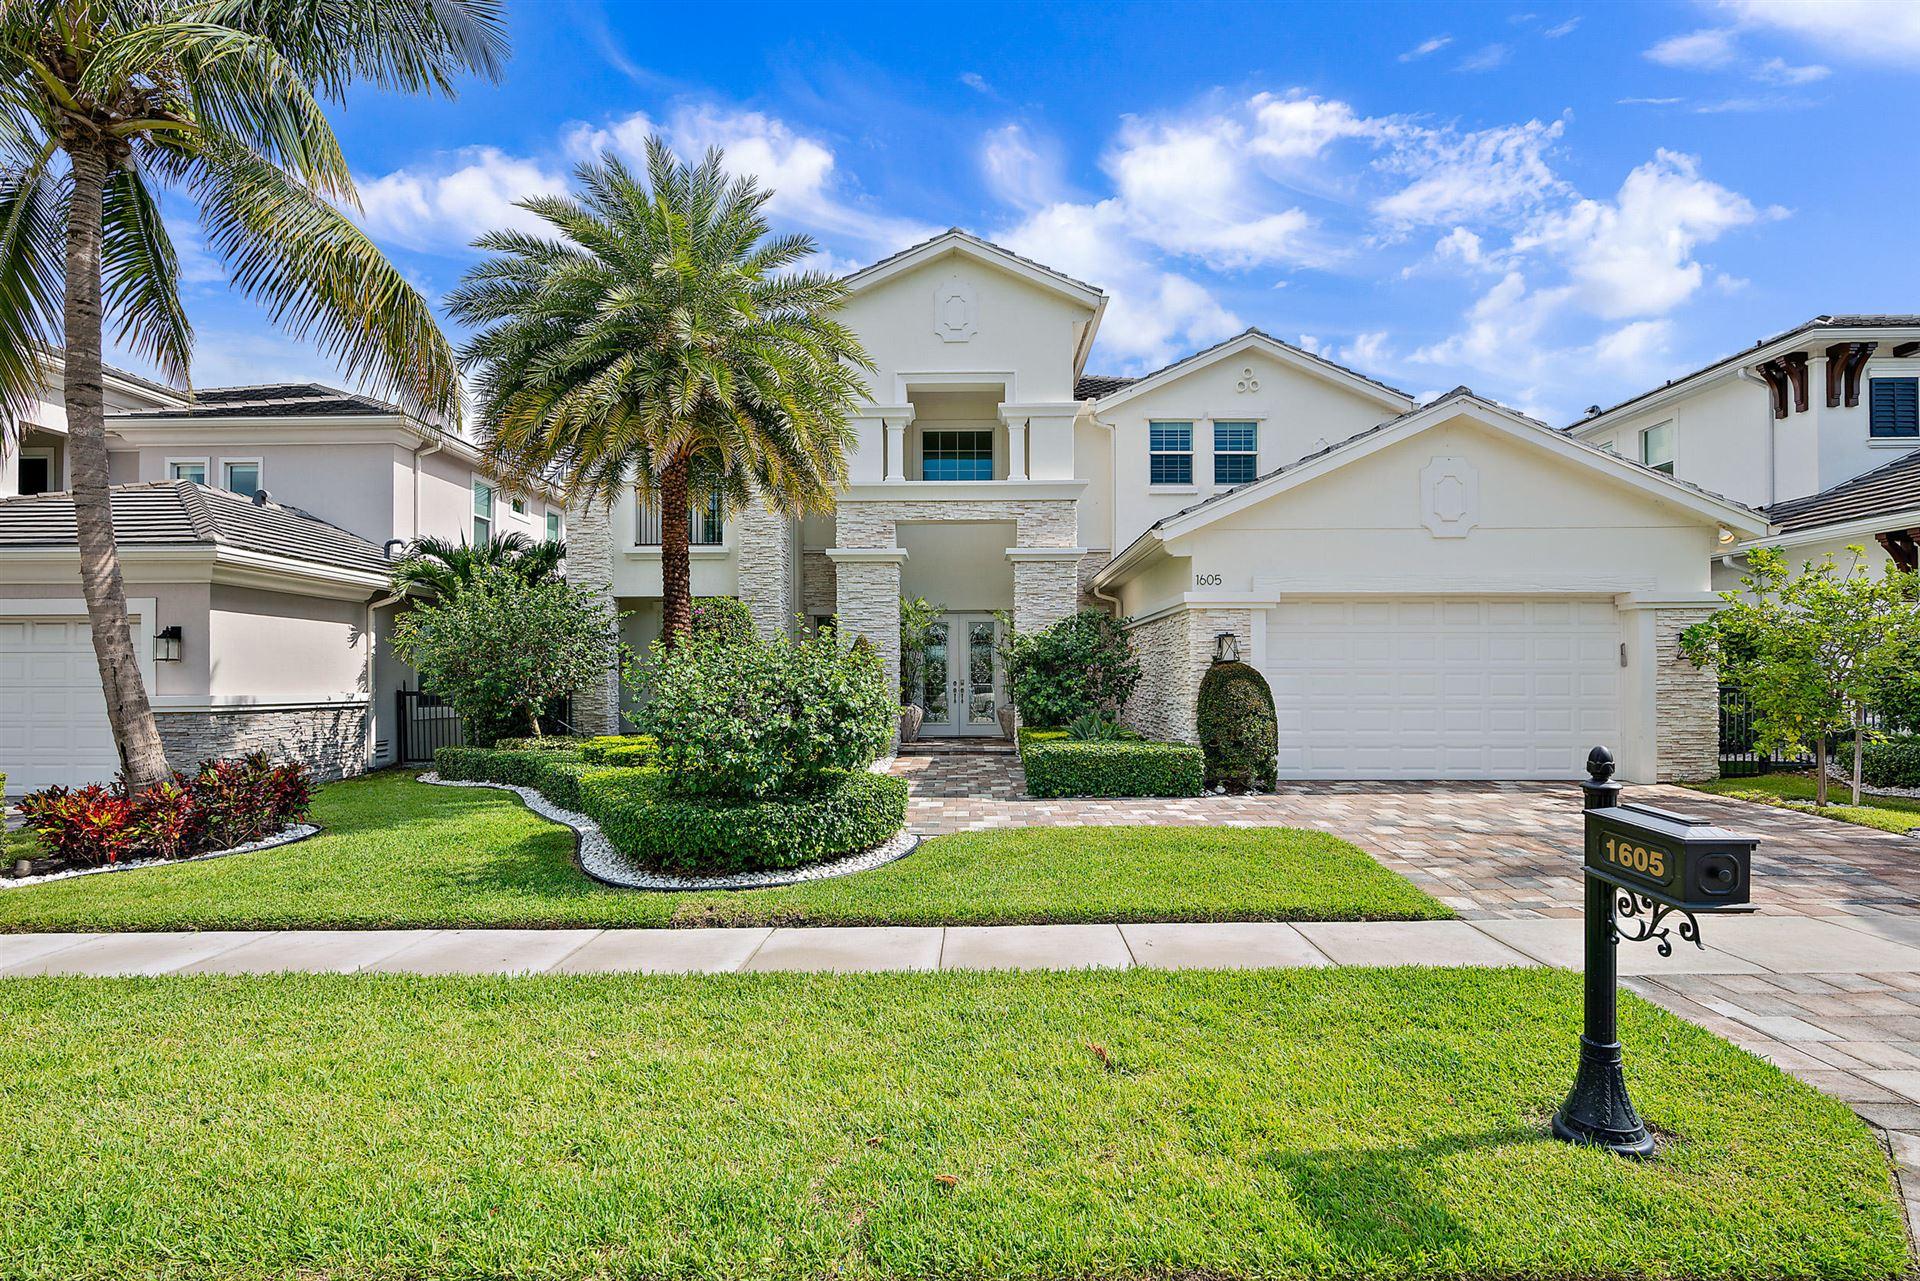 1605 E Hemingway Drive, Juno Beach, FL 33408 - #: RX-10641892